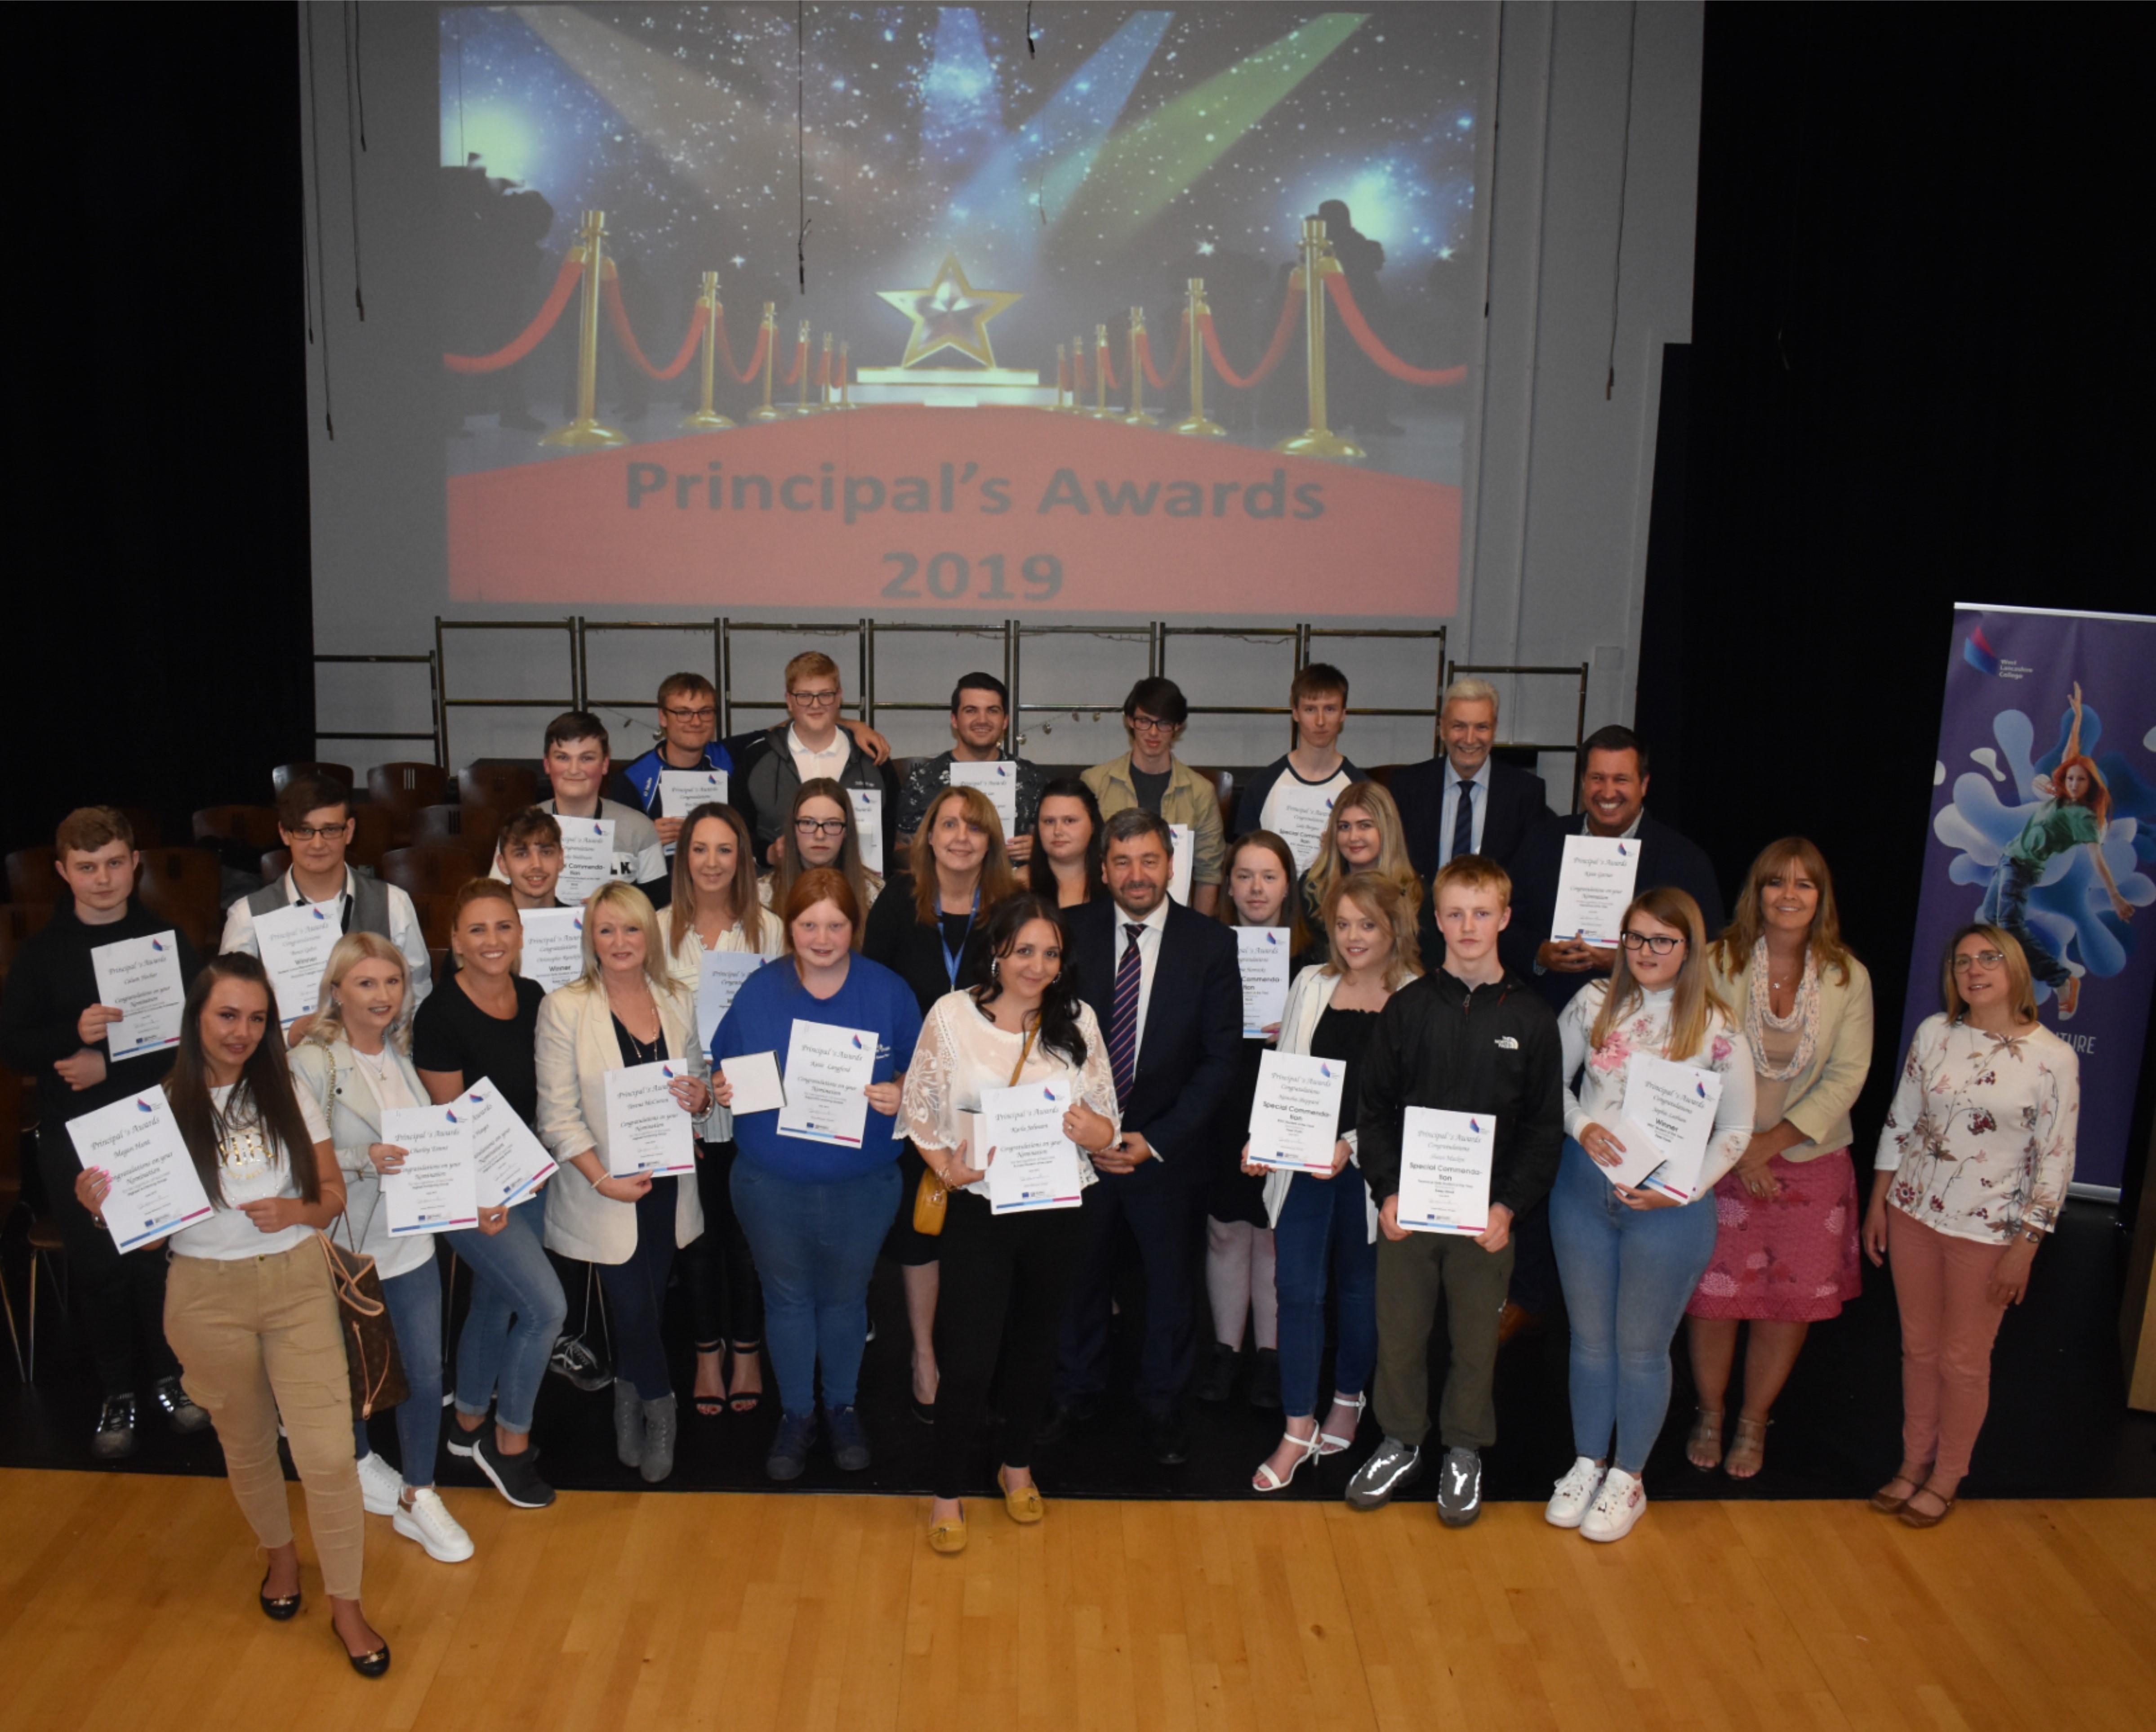 , Principal rewards student's success, Skem News - The Top Source for Skelmersdale News, Skem News - The Top Source for Skelmersdale News